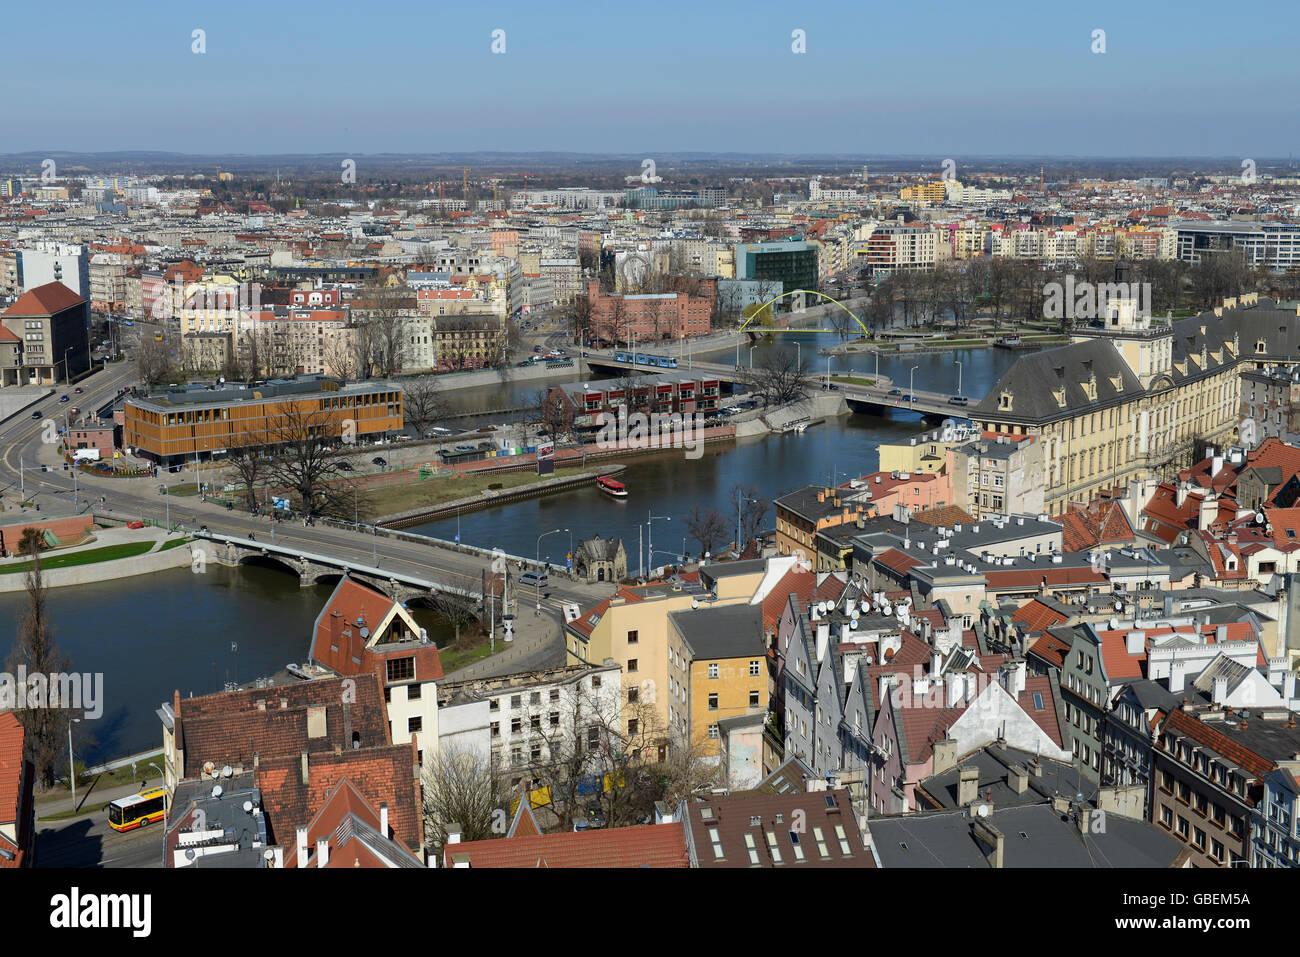 Ueberblick, Fluss Oder, Altstadt, Breslau, Niederschlesien, Polen - Stock Image